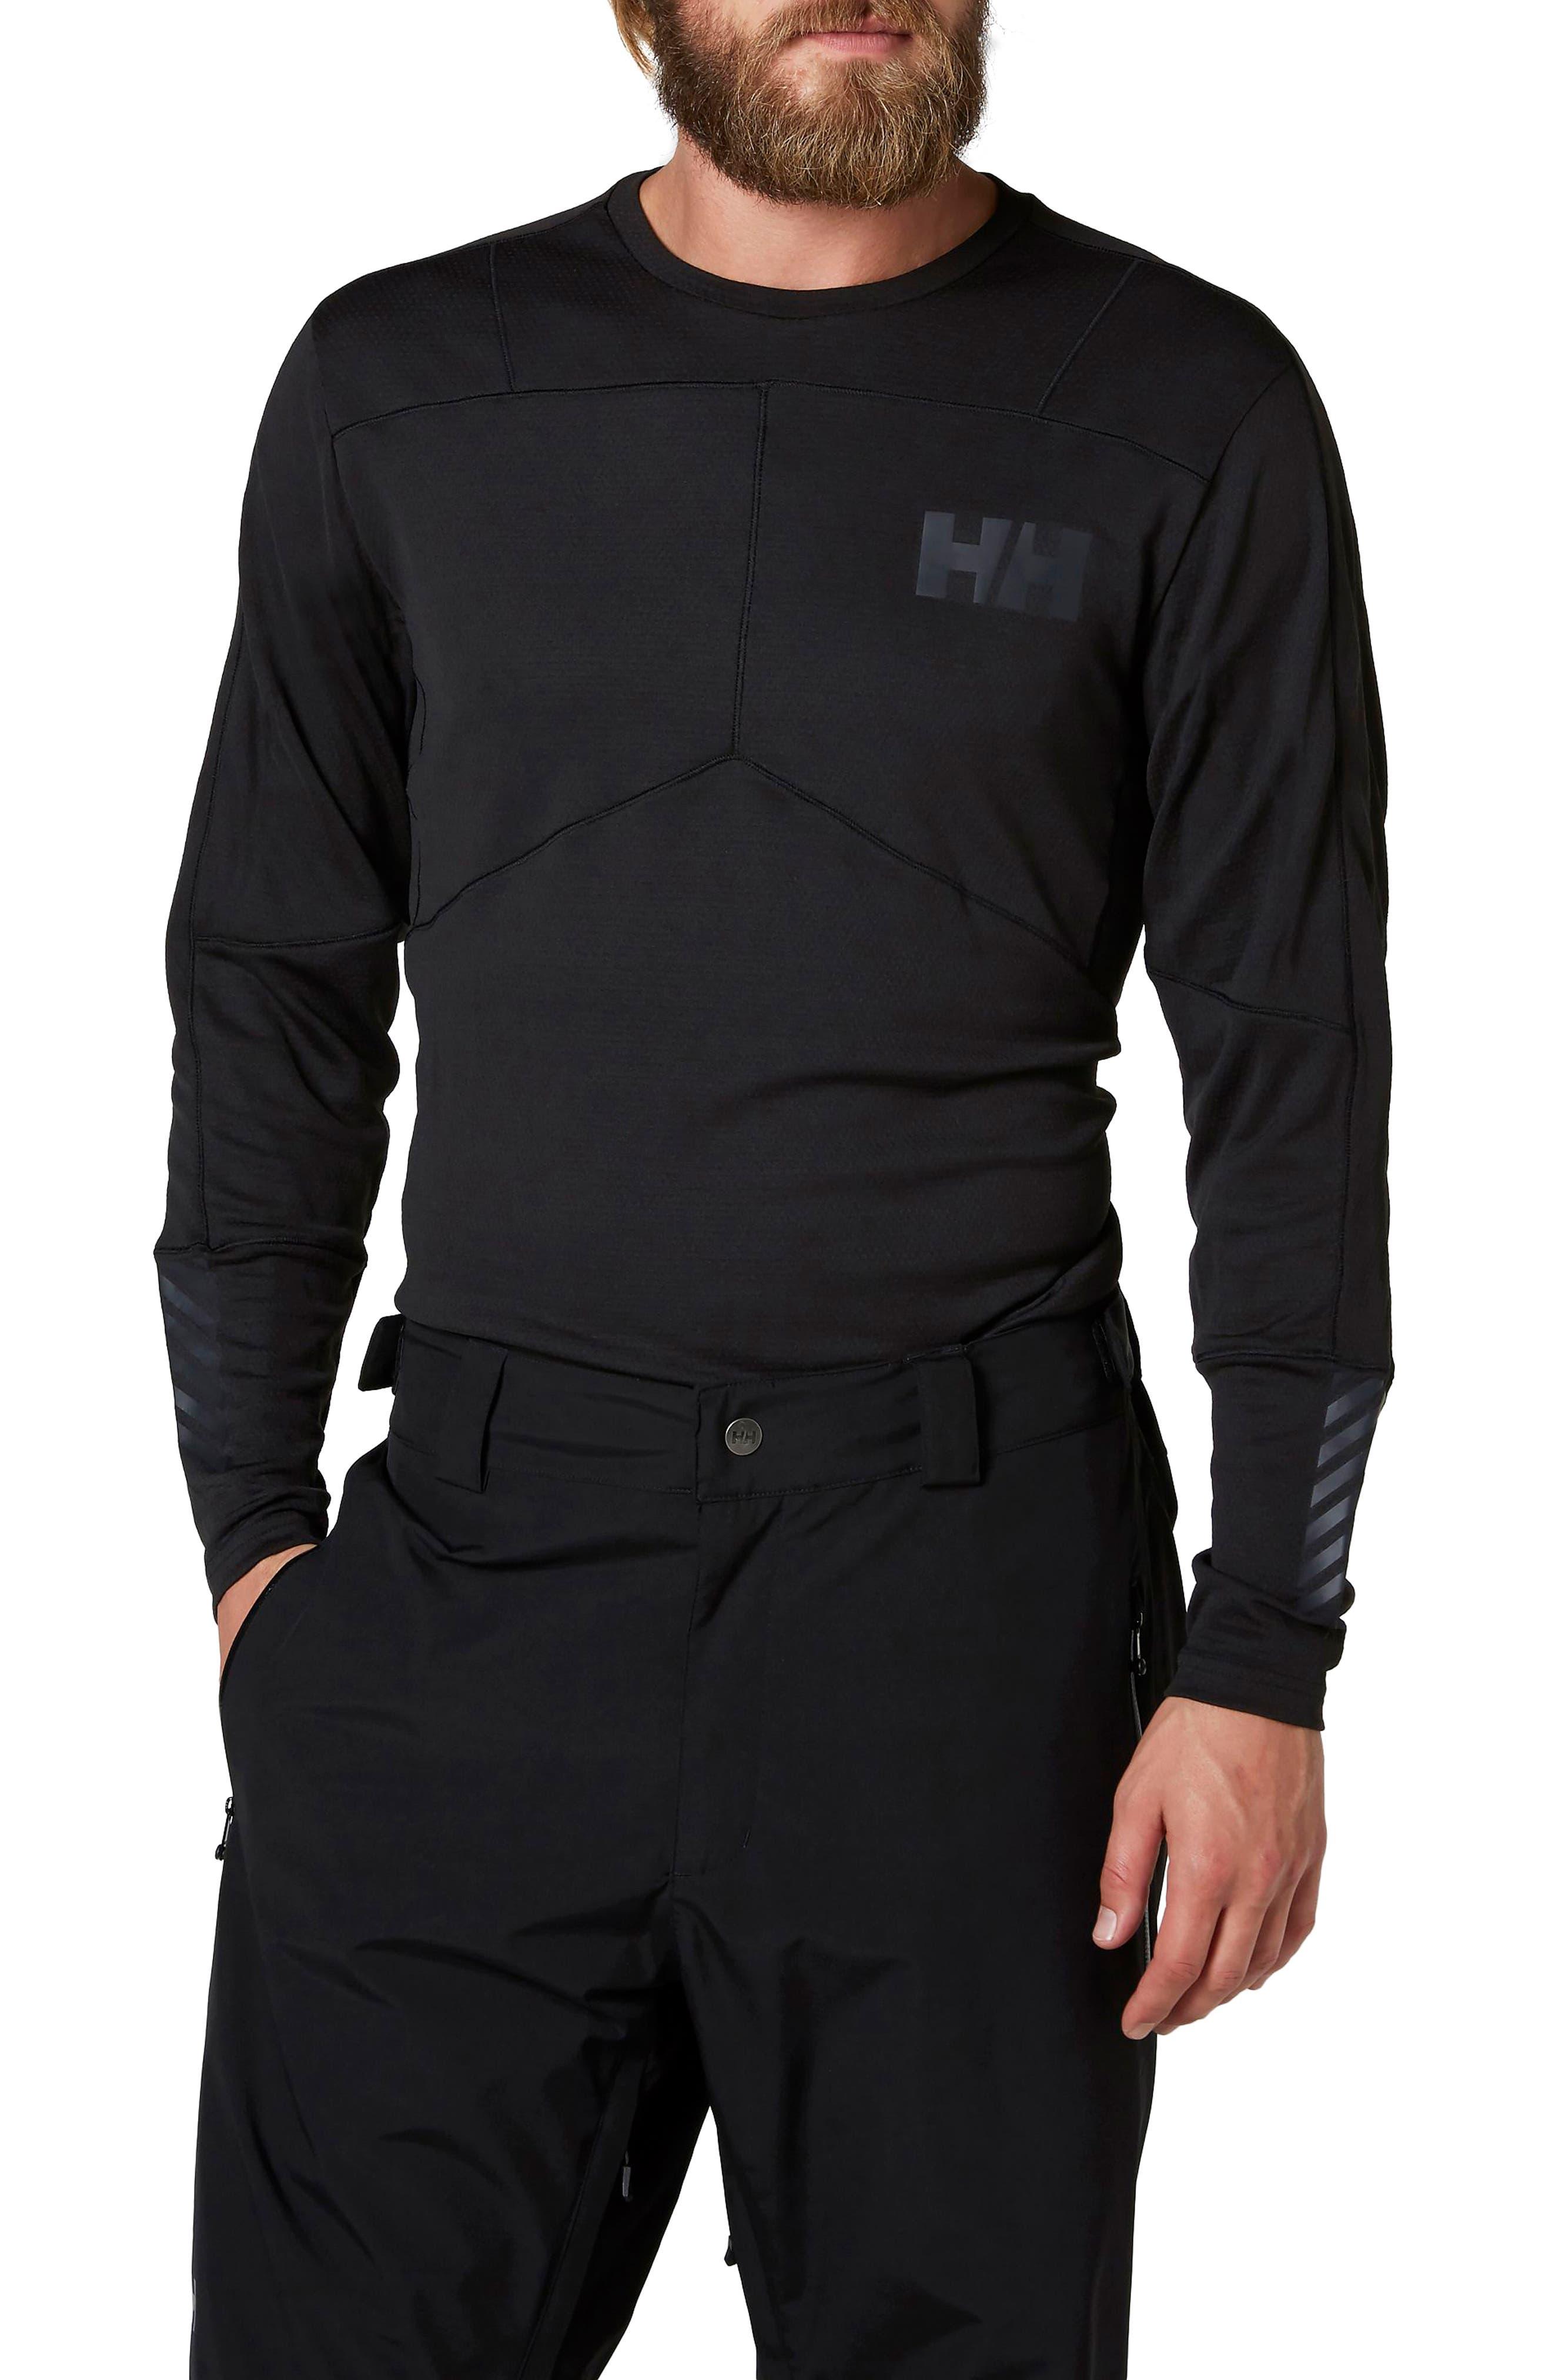 Main Image - Helly Hansen Lifa® Mid Long Sleeve Base Layer Shirt